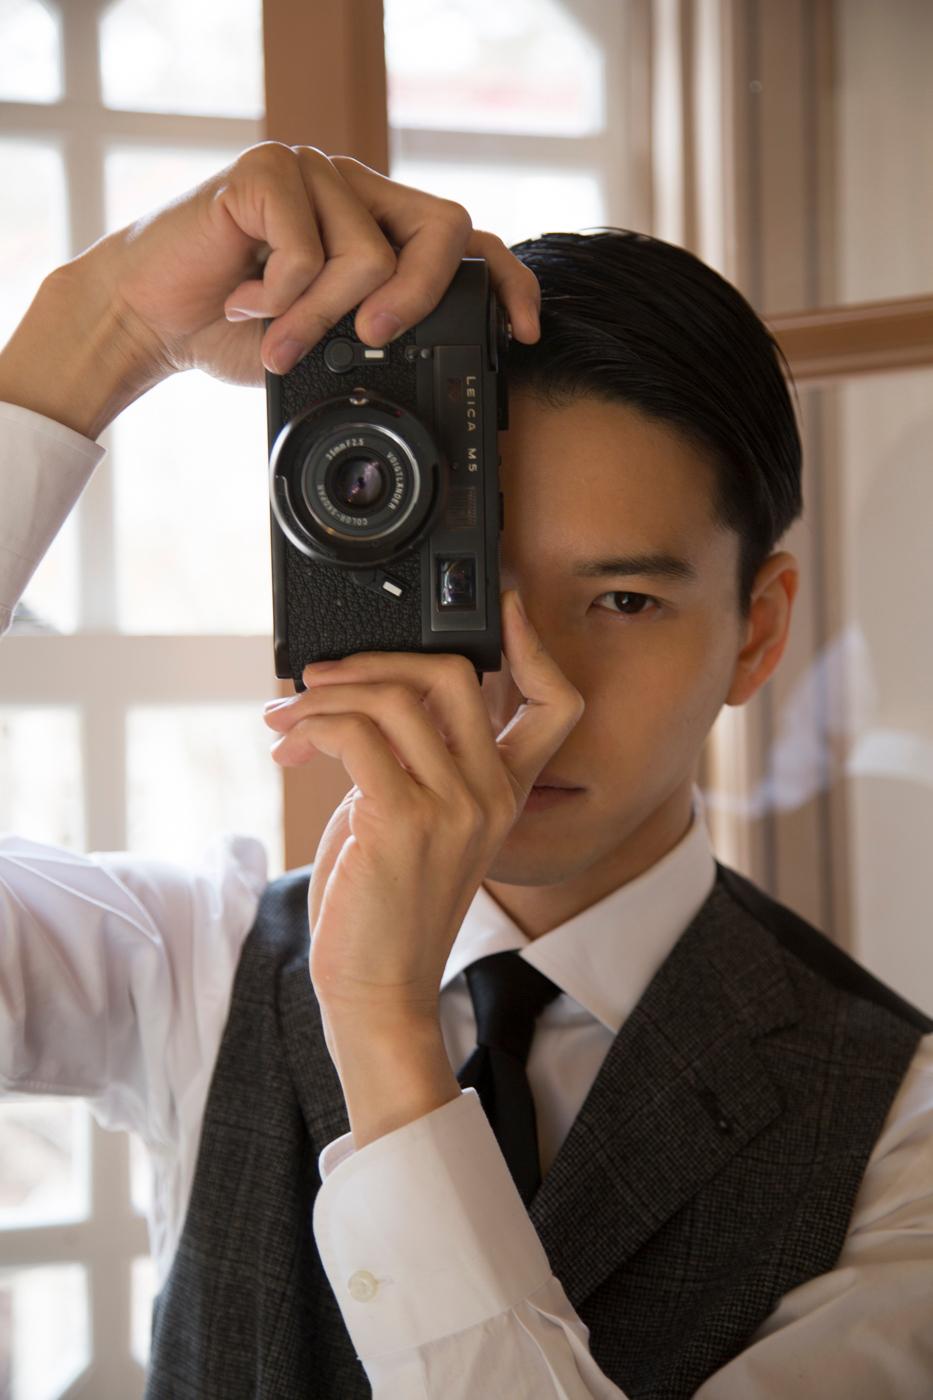 田口 淳之介、美背中見せバックショットも披露!いまの魅力すべてがつまった初の写真集を発売